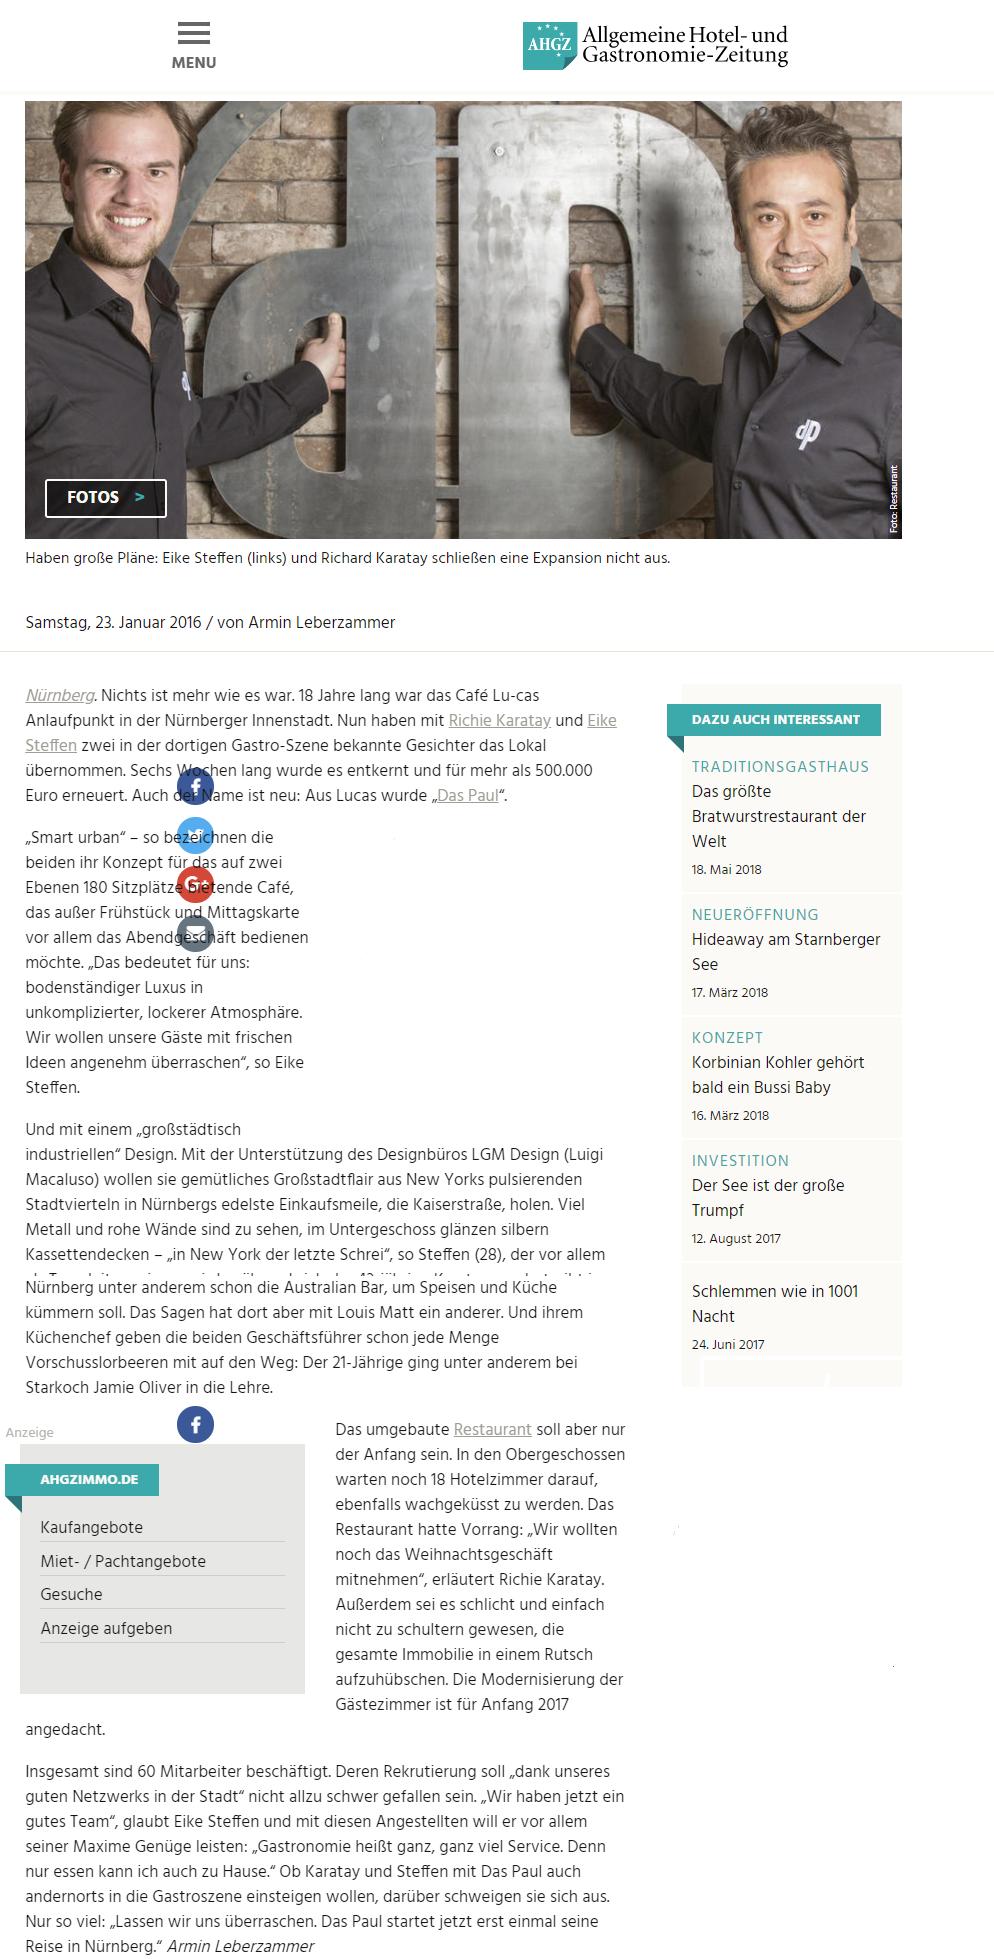 dasPaul Pressemitteilung AHGZ